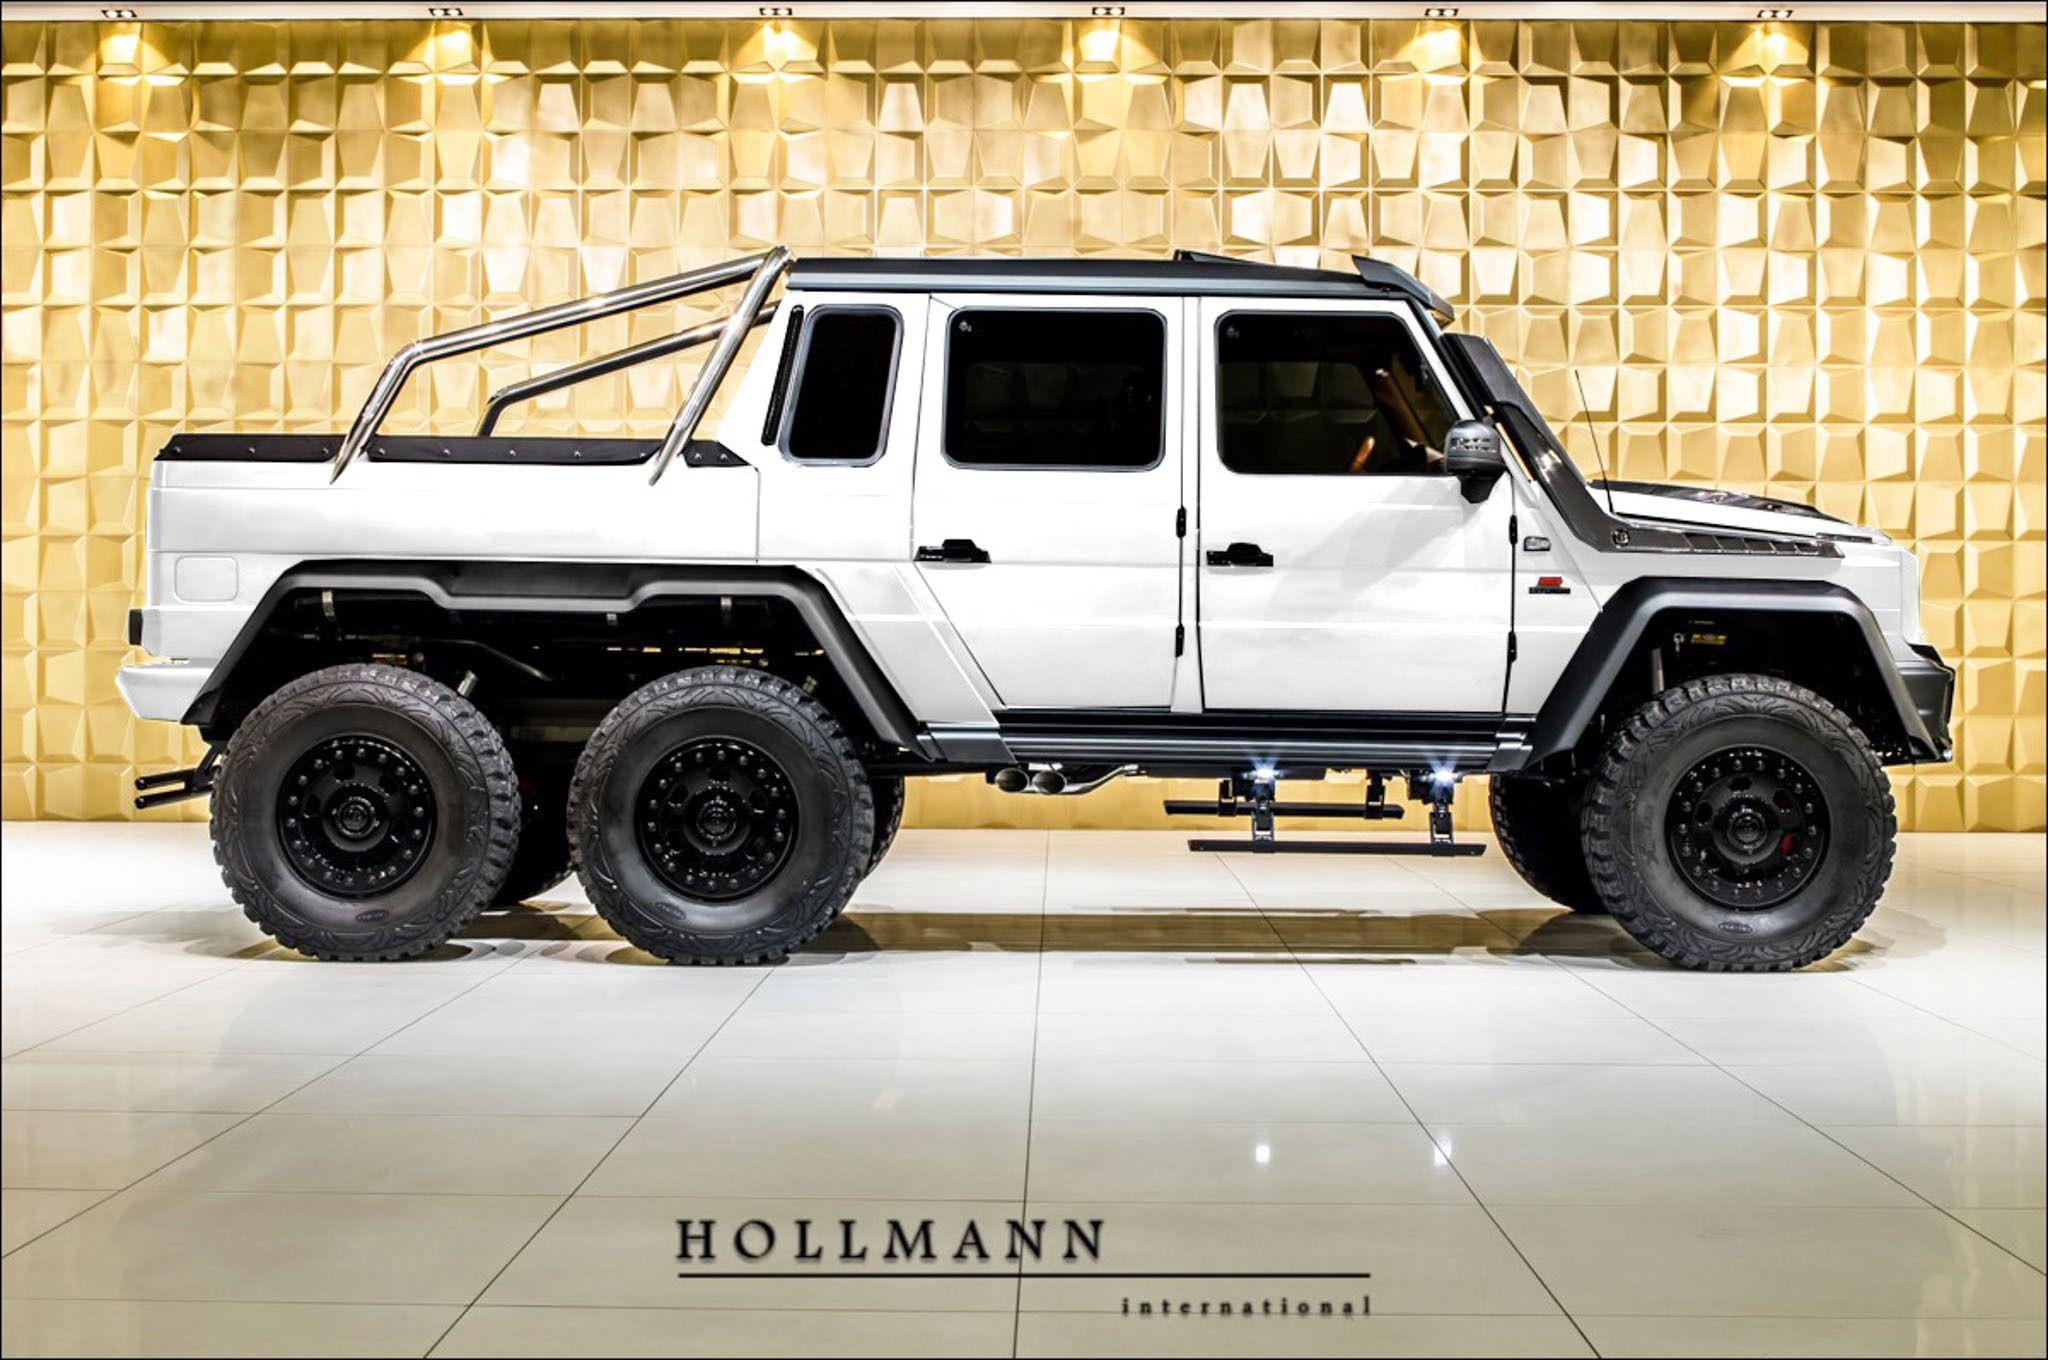 Mercedes Benz G 63 6x6 Amg Brabus 700 Hollmann Luxury Pulse